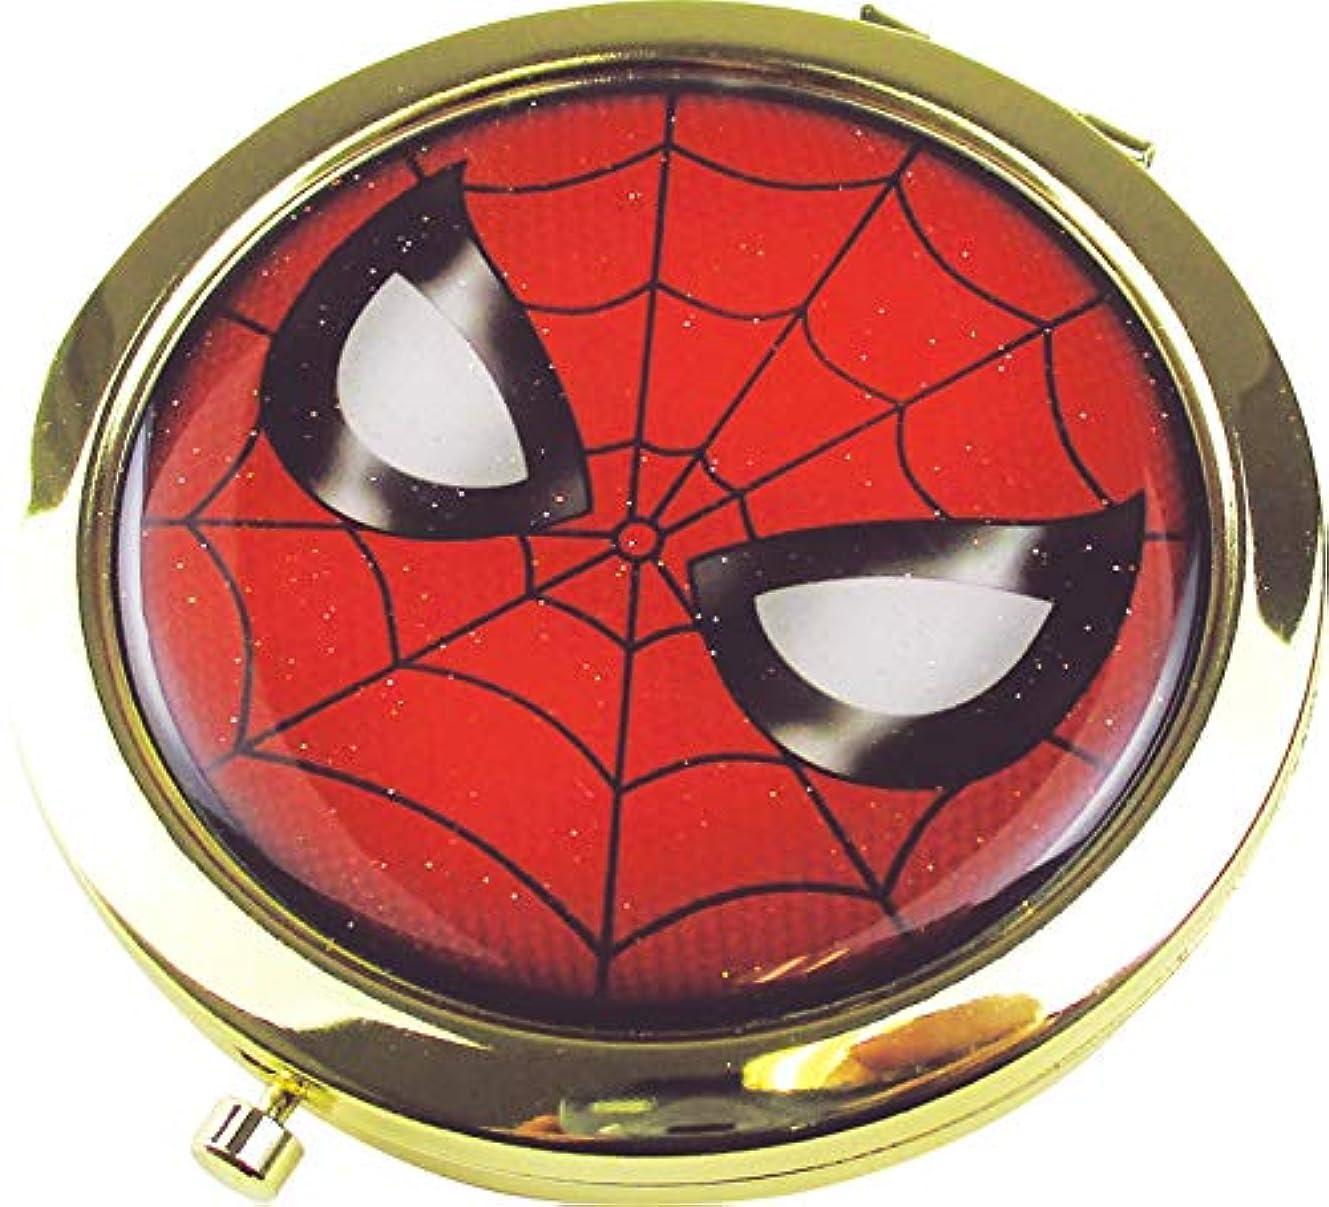 赤字破壊レッドデートティーズファクトリー スパイダーマン 6.6×6.6×0.8cm マーベル Wコンパクトミラー MV-5537088SM